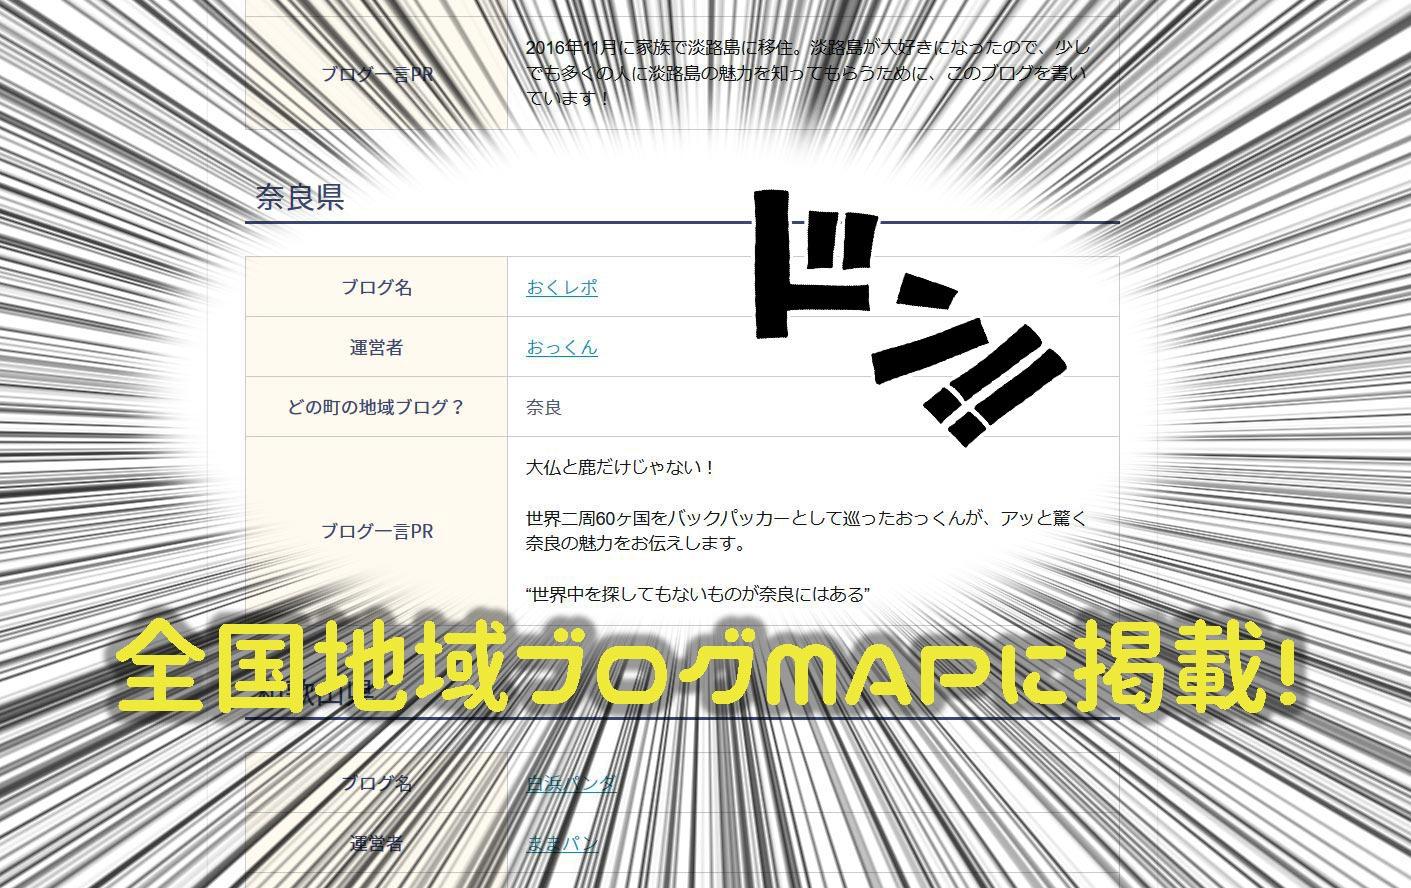 全国地域ブログMAP_アイキャッチ